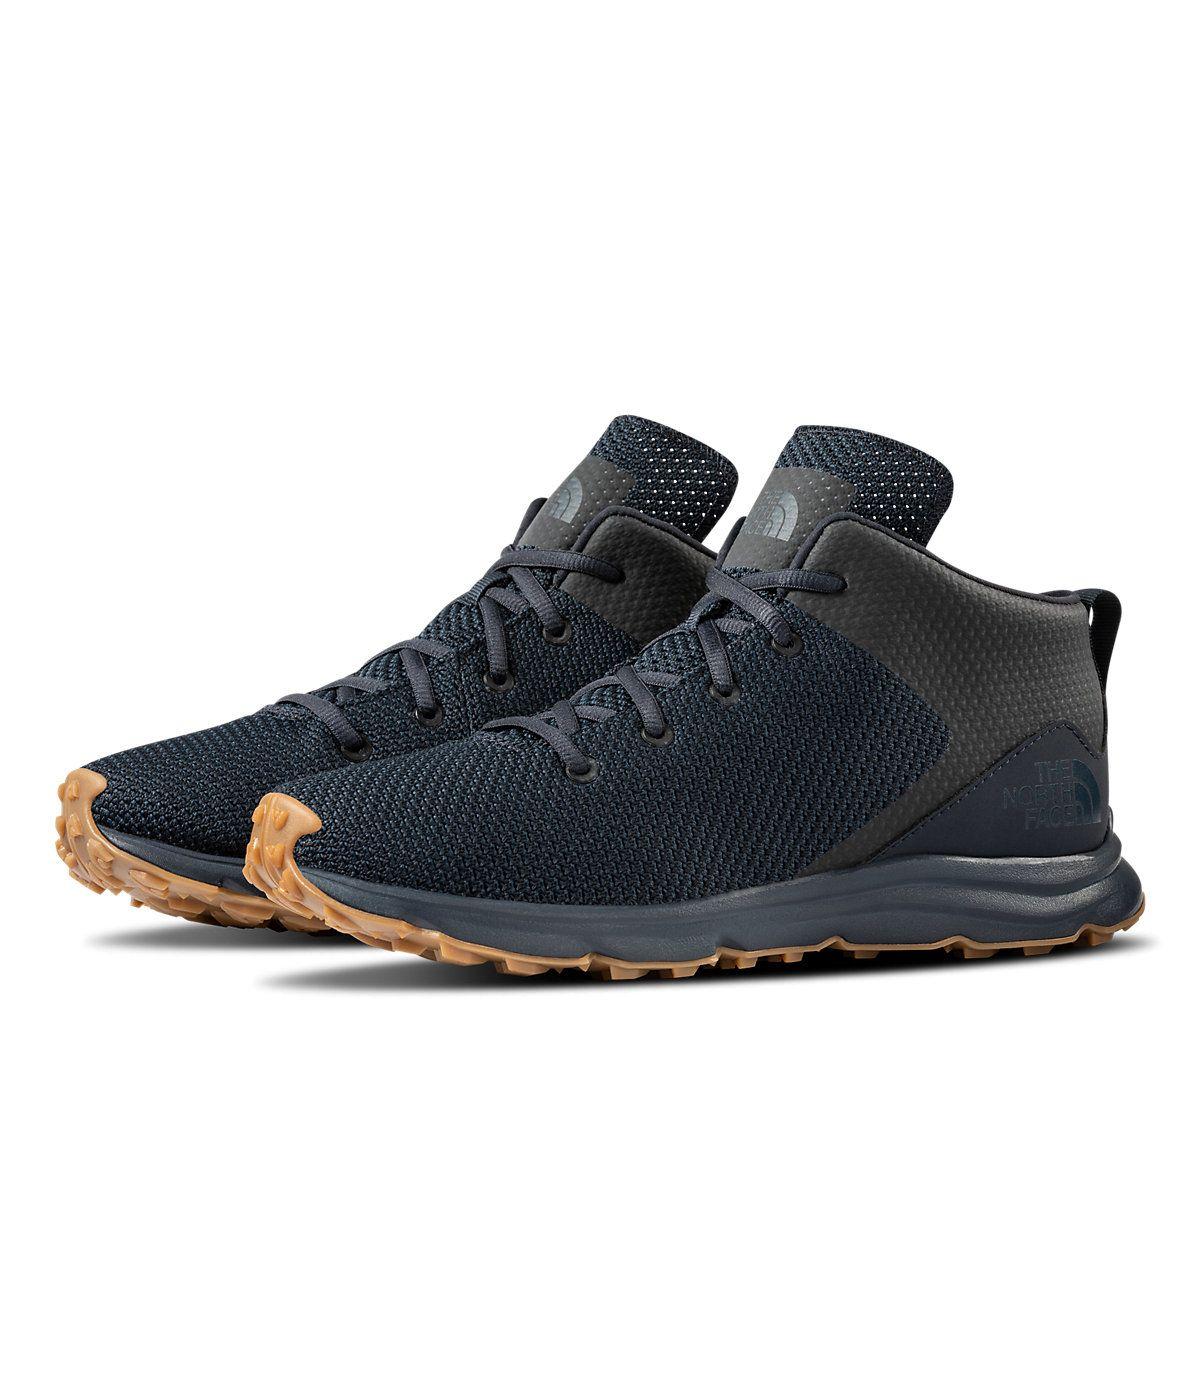 detaillering gratis verzending elegante schoenen The North Face Men's Sestriere Mid Sneakers | Products in ...